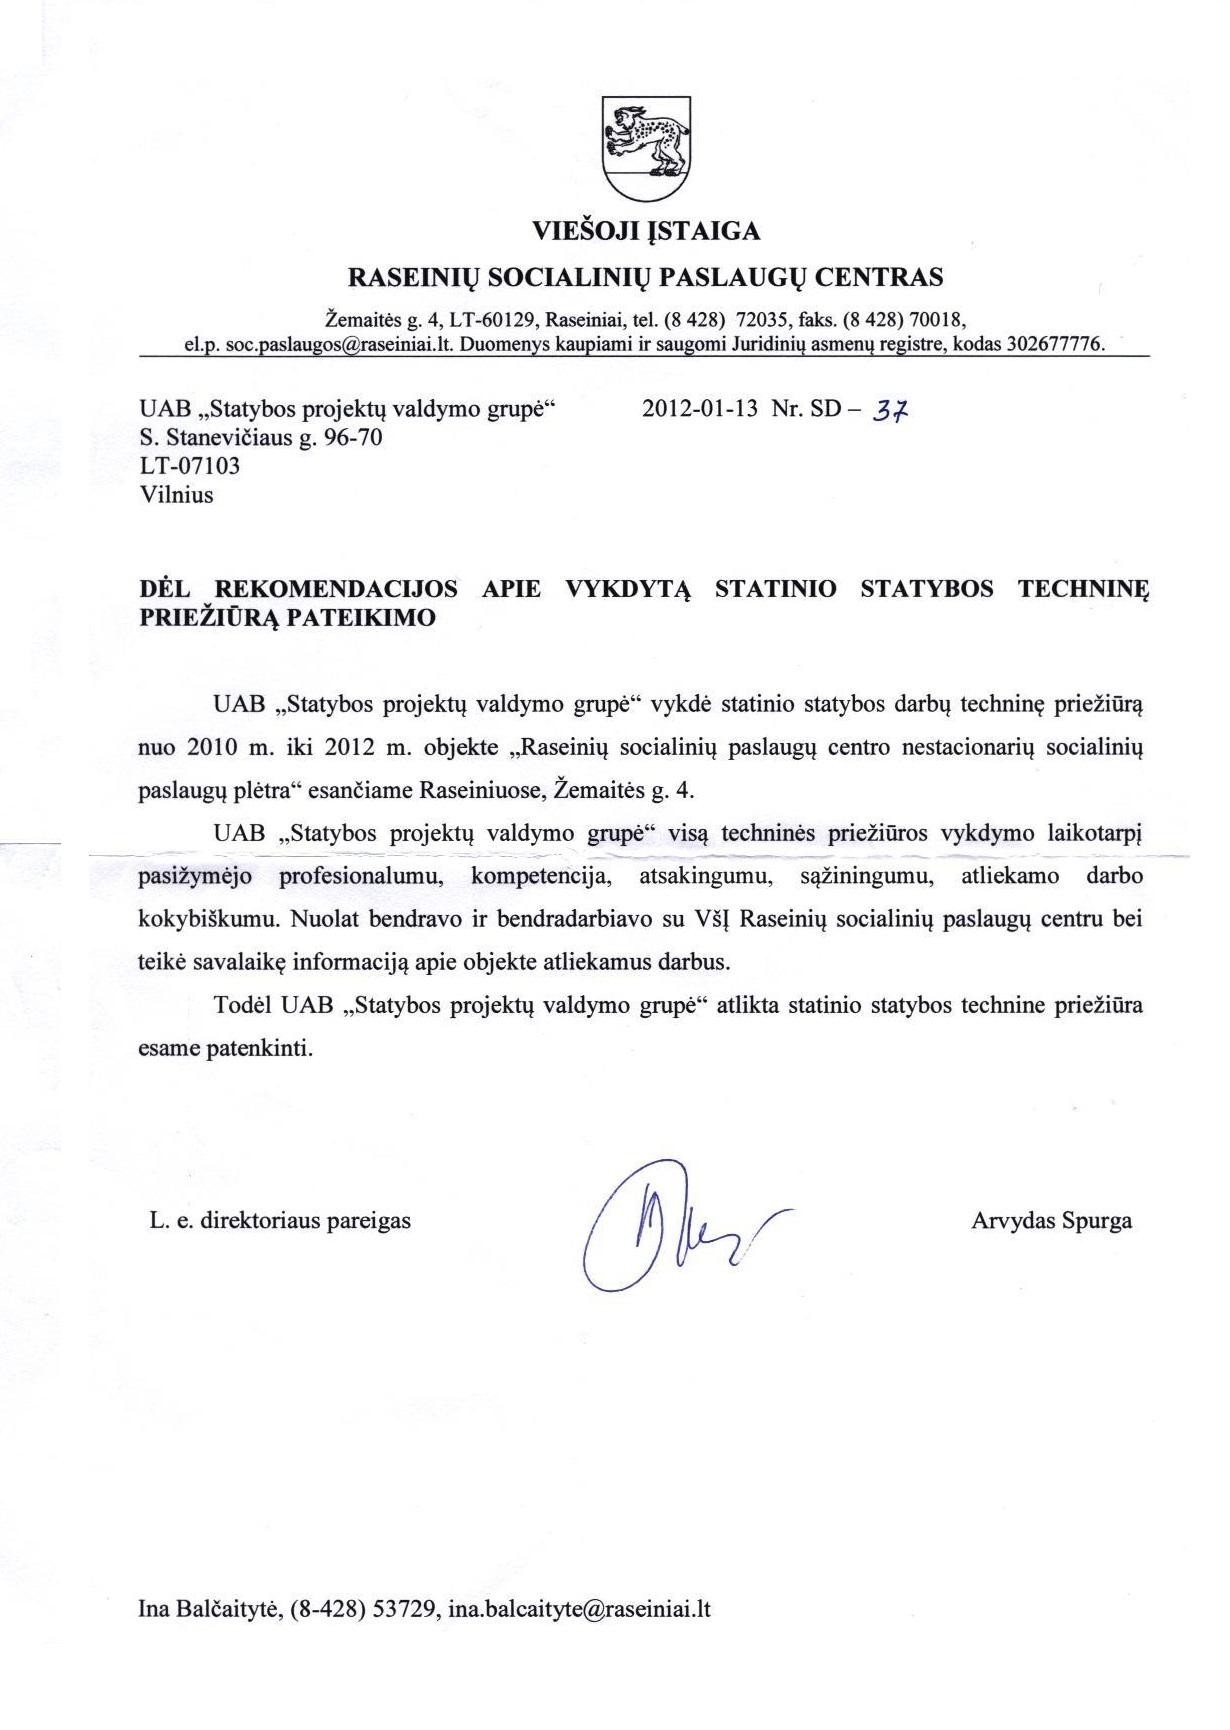 Raseinių Socialinių paslaugų centro rekomendacija 2012-01-13